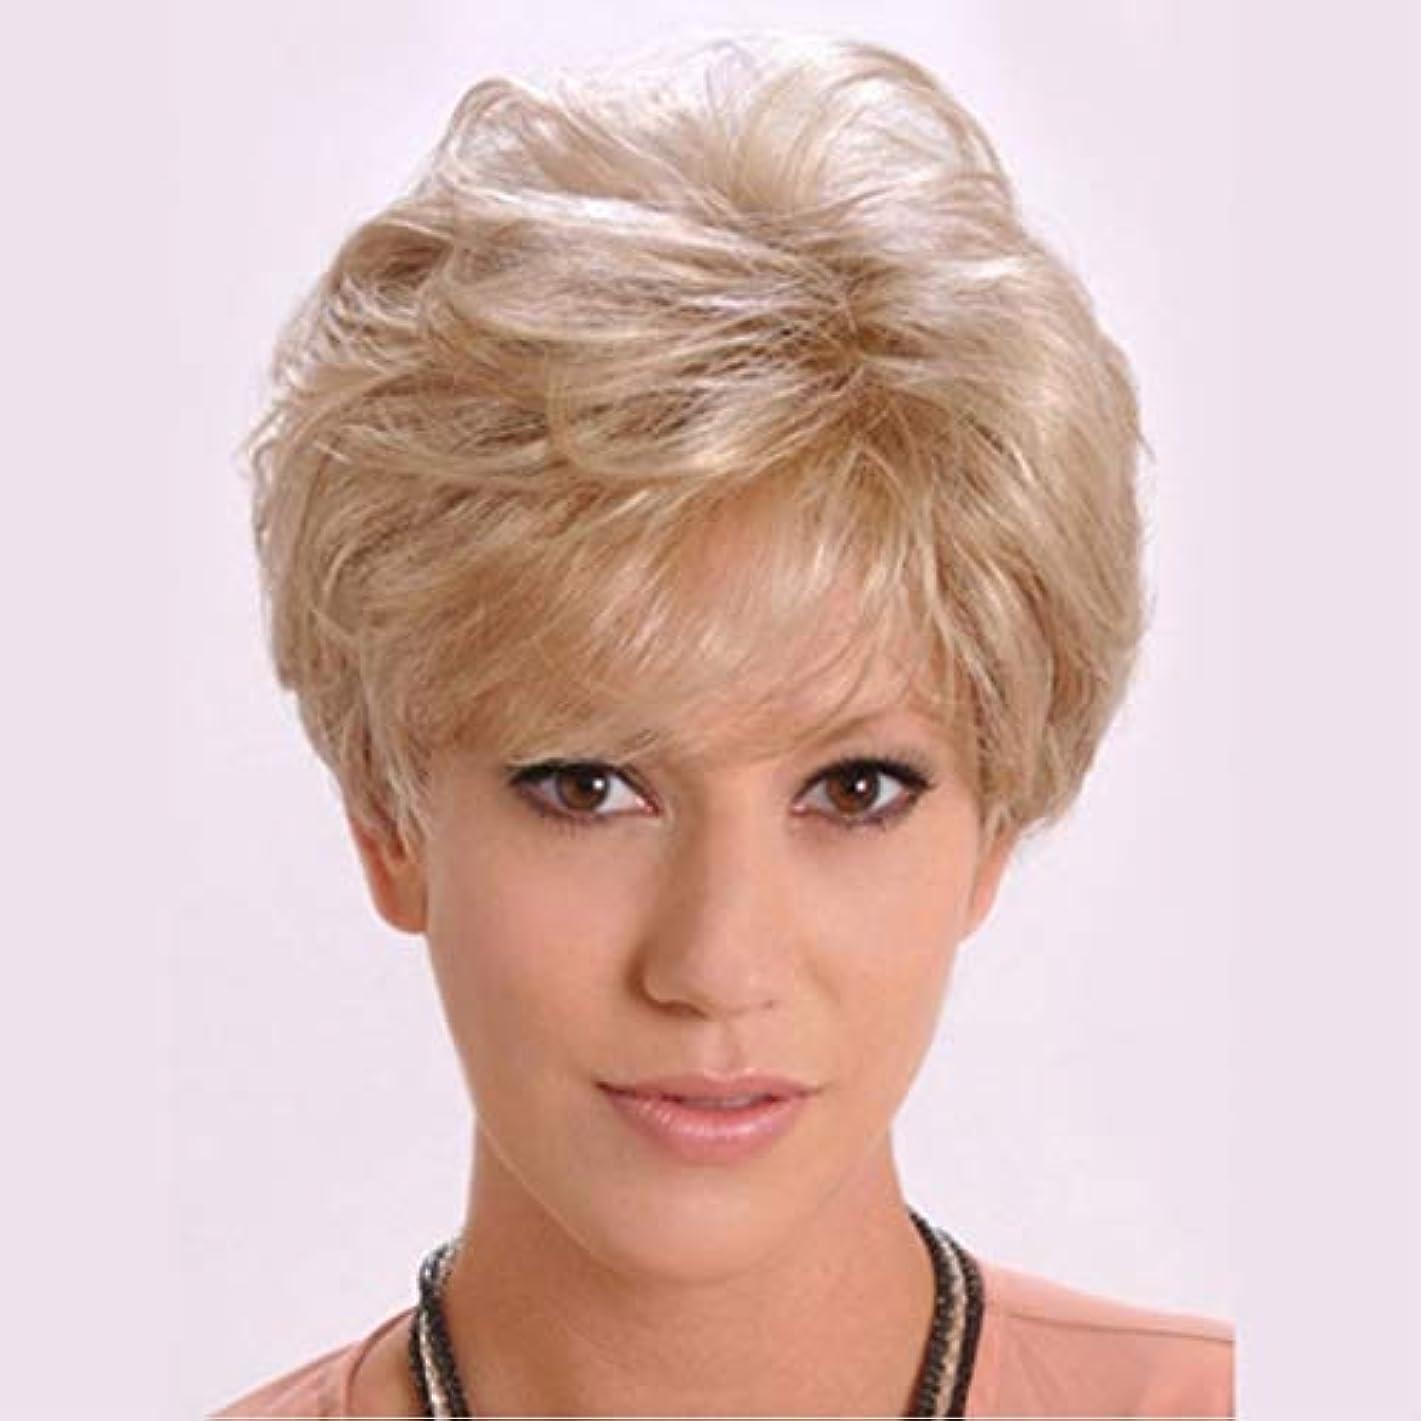 キャンドルきちんとした鎮痛剤Kerwinner 女性のための短い巻き毛のかつら短い髪のふわふわブロンドの巻き毛のかつら (Color : Light brown)